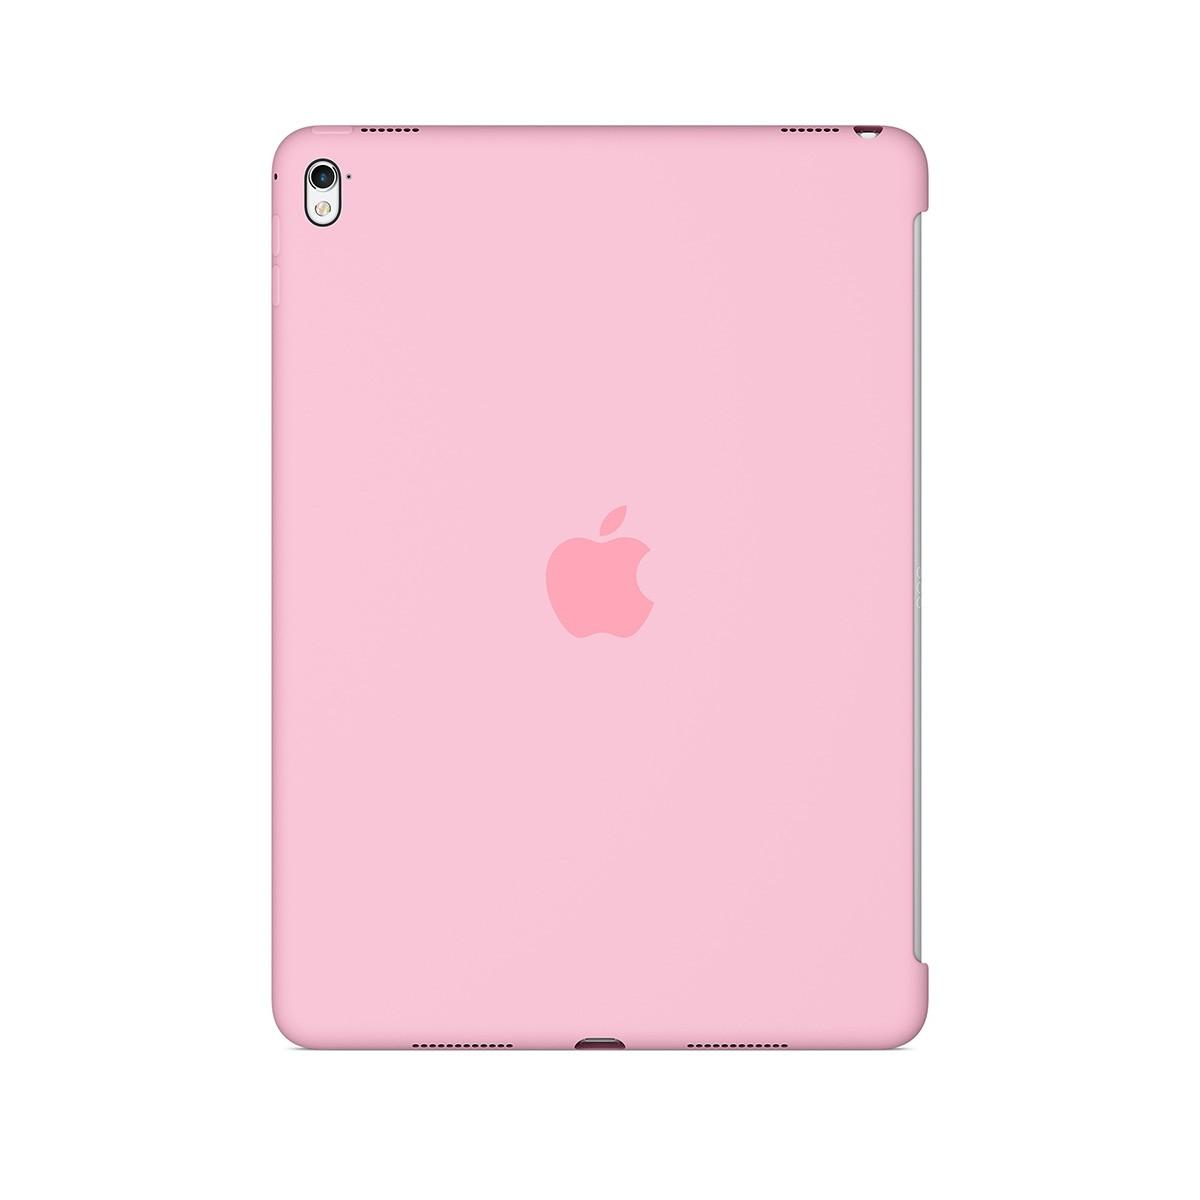 Apple silikonové pouzdro na 9,7palcový iPad Pro - světle růžové